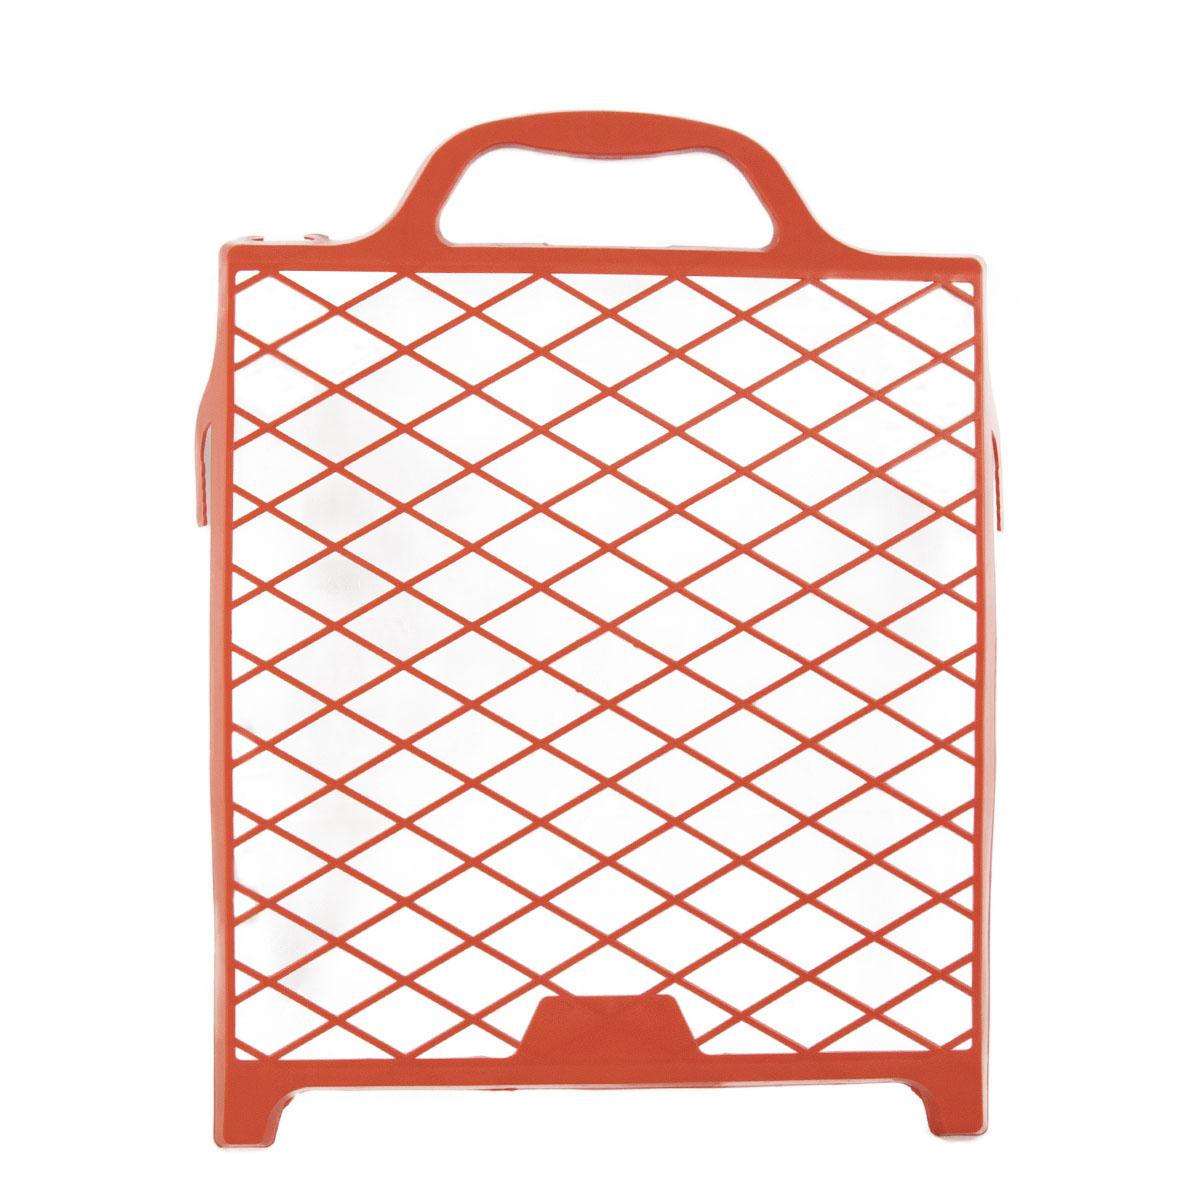 Farbklecks24 Abstreifgitter Kunststoff 27 x 29cm, rot